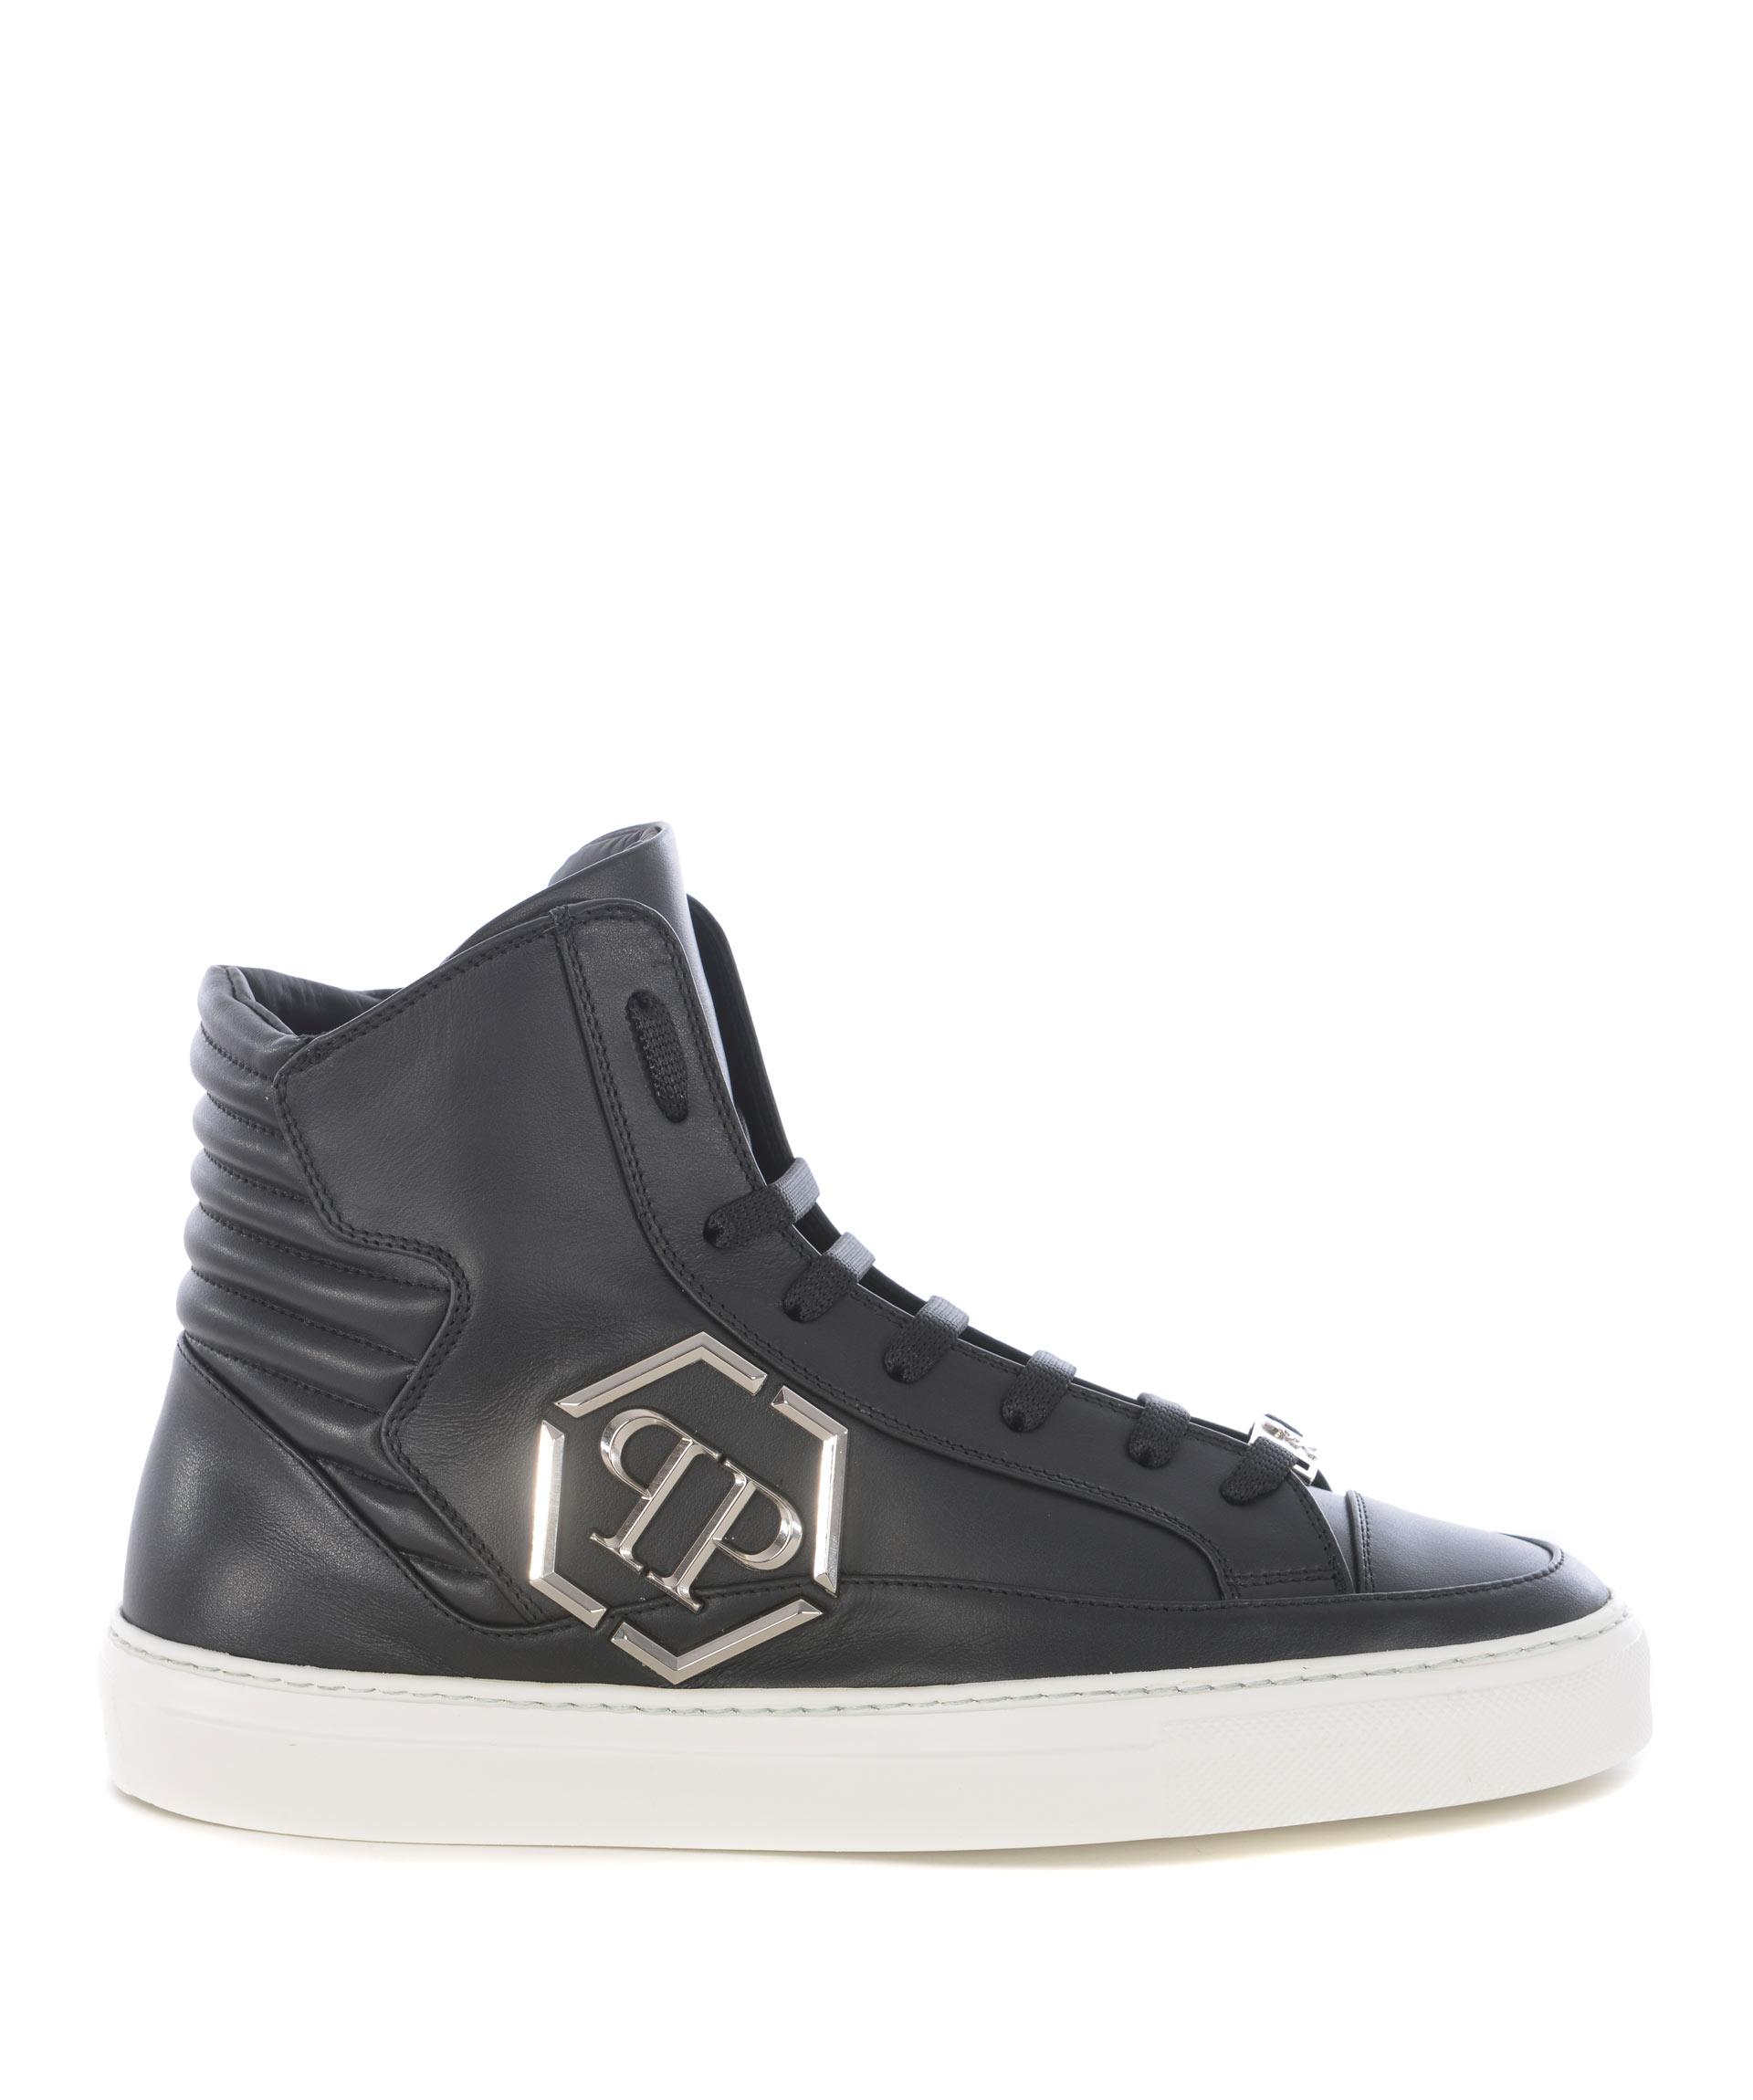 doppio coupon materiale selezionato professionale più votato Sneakers high-top uomo Philipp Plein